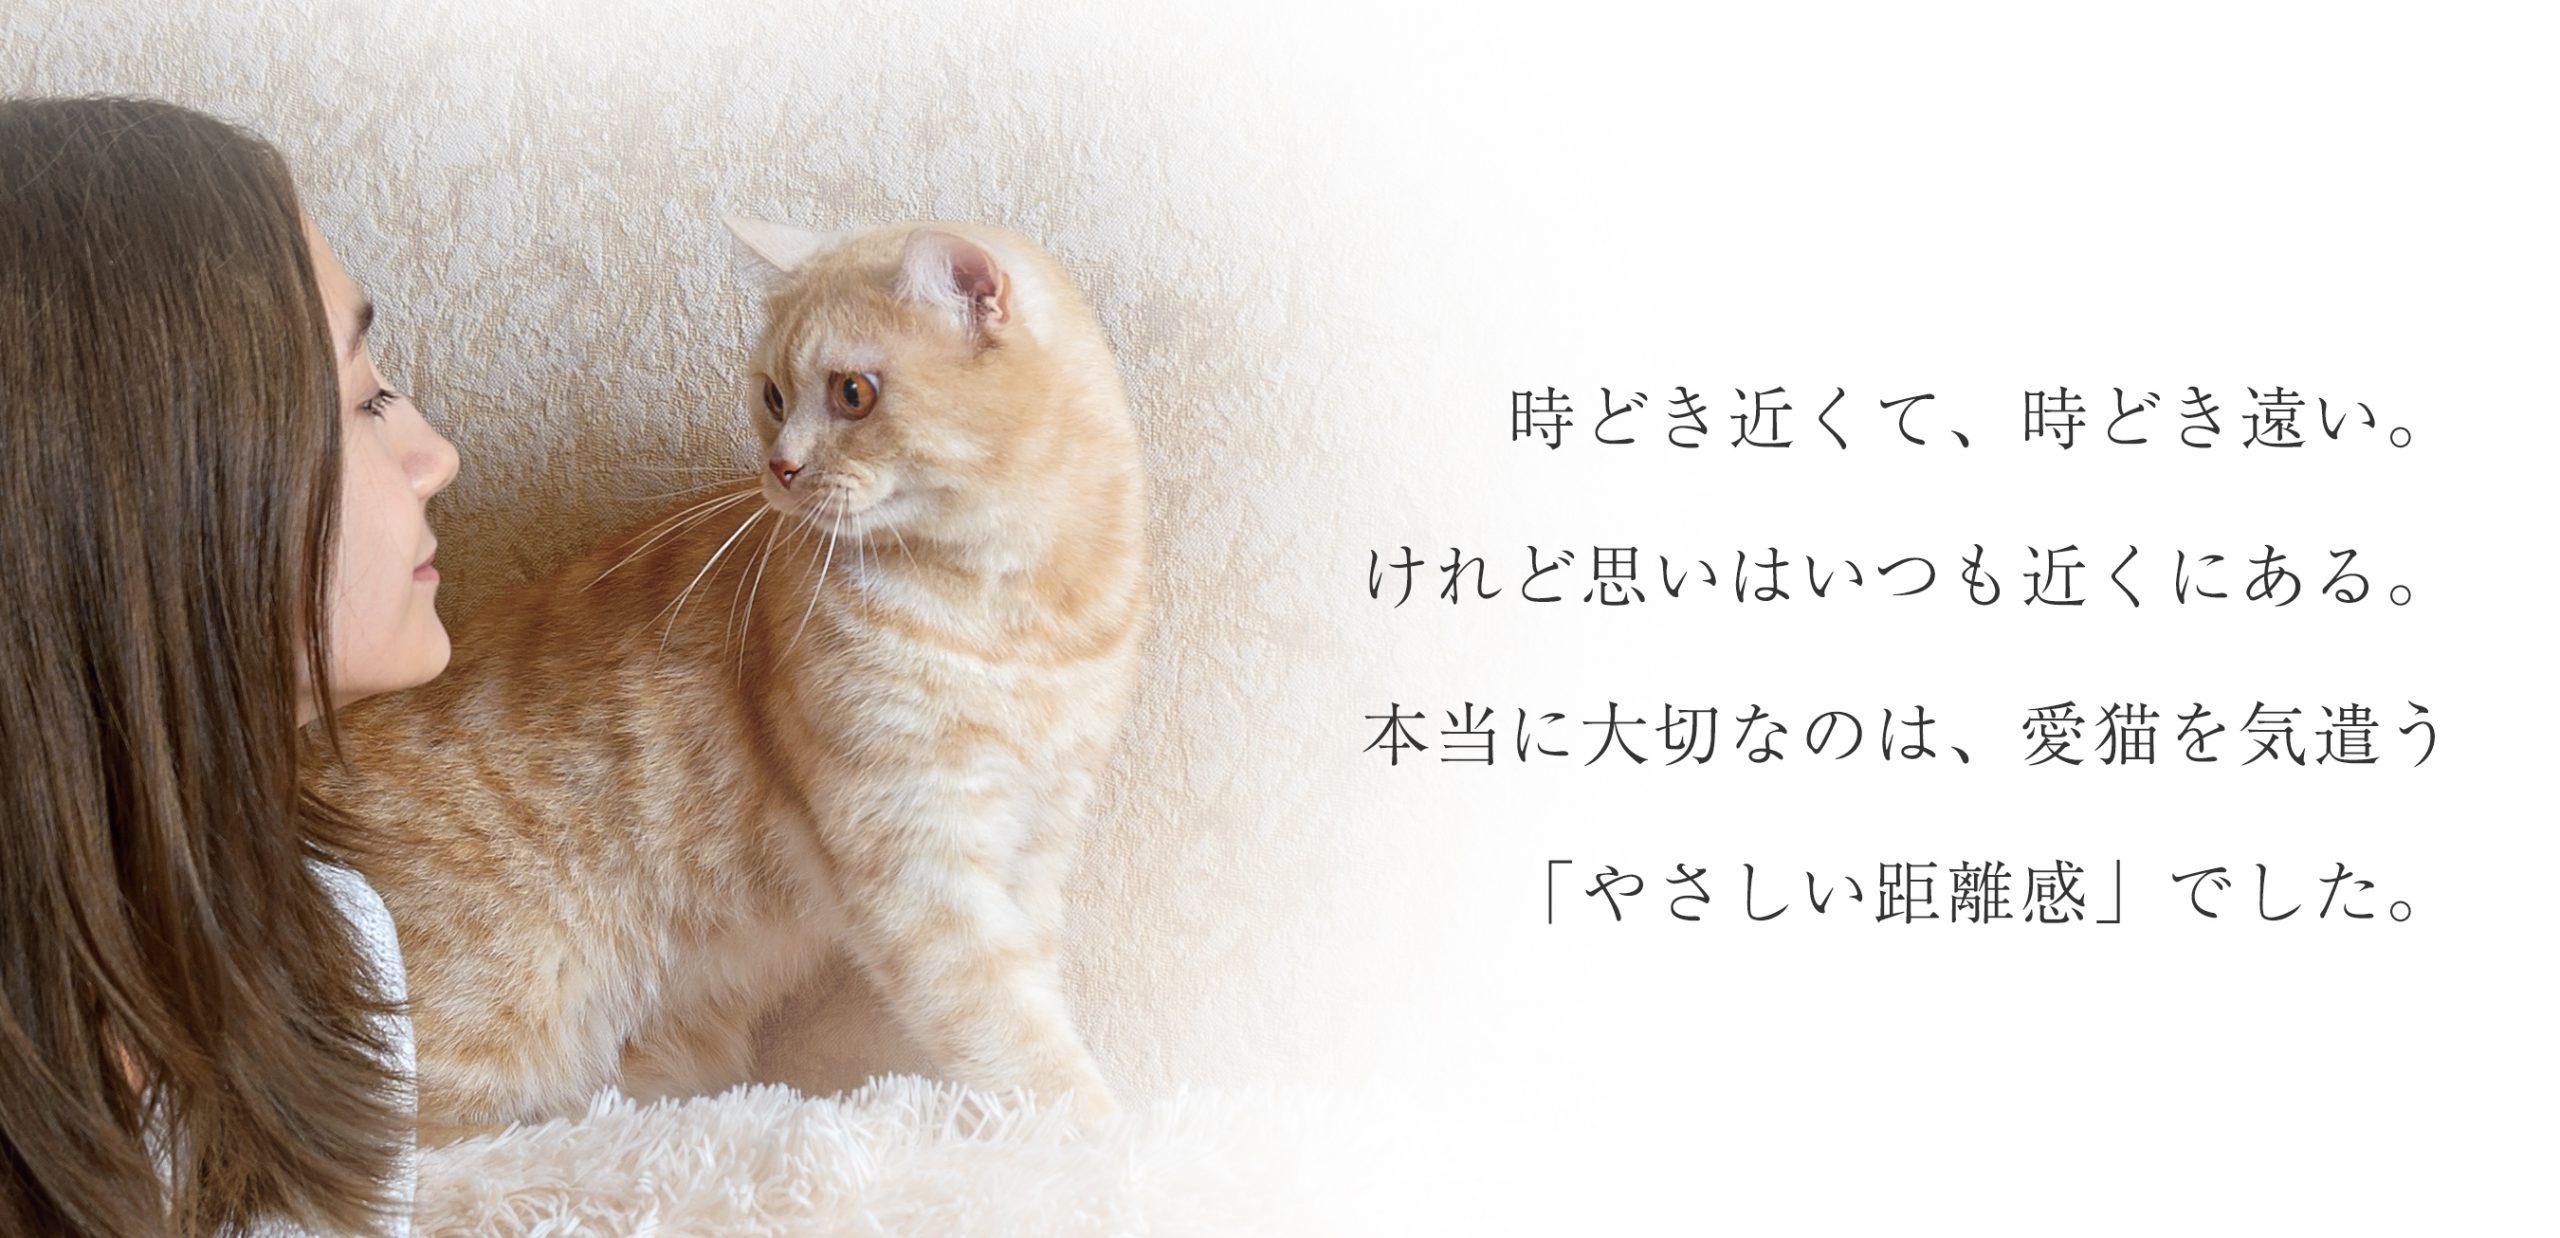 時どき近くて、時どき遠い。けれど思いはいつも近くにある。本当に大切なのは、愛猫を気遣う「やさしい距離感」でした。